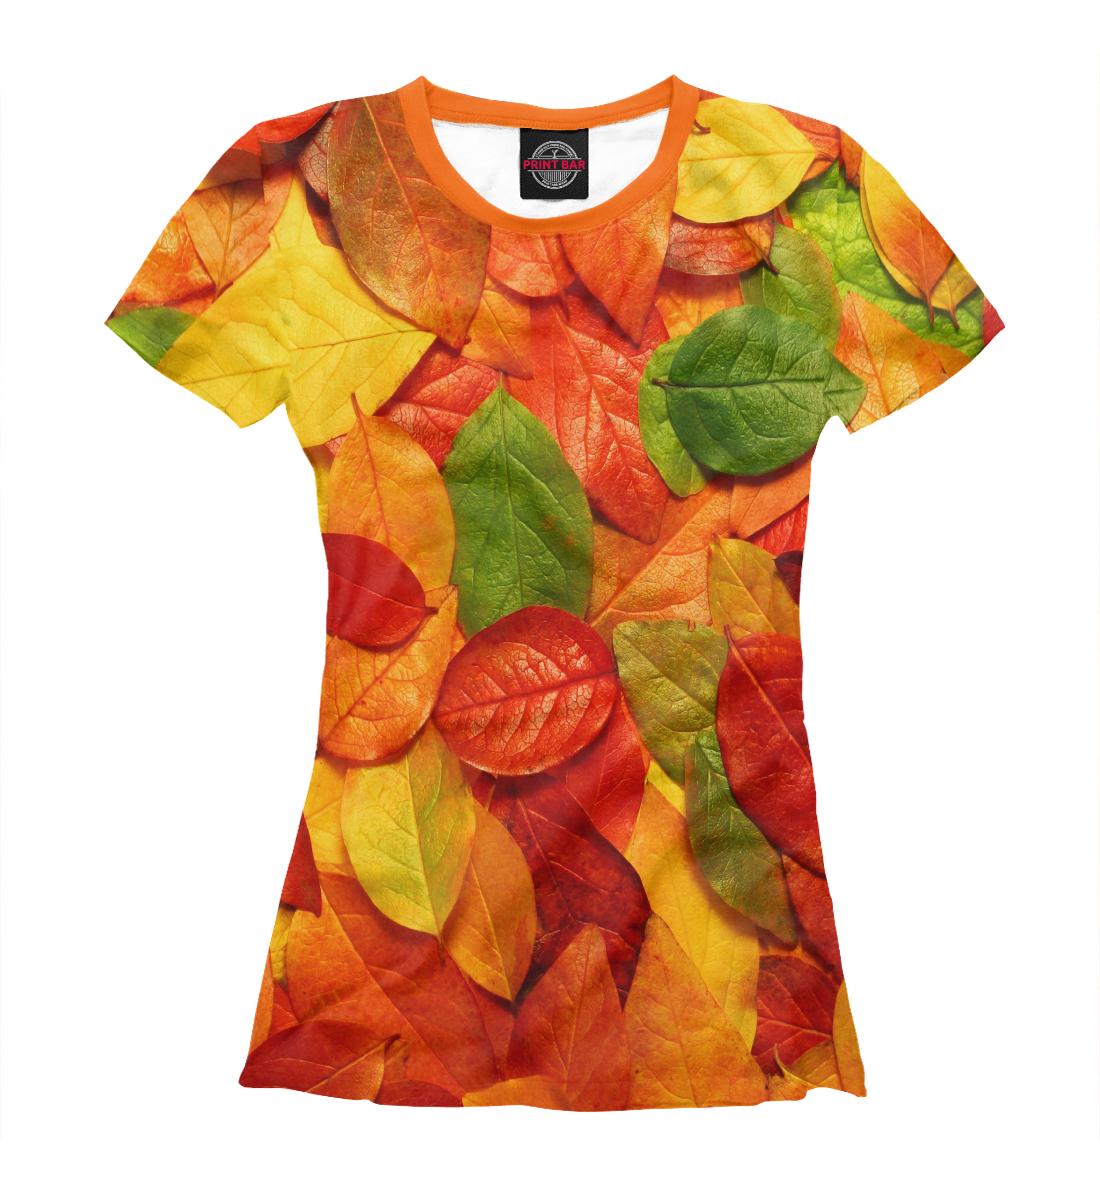 Купить Осенние листья, Printbar, Футболки, PEY-603871-fut-1